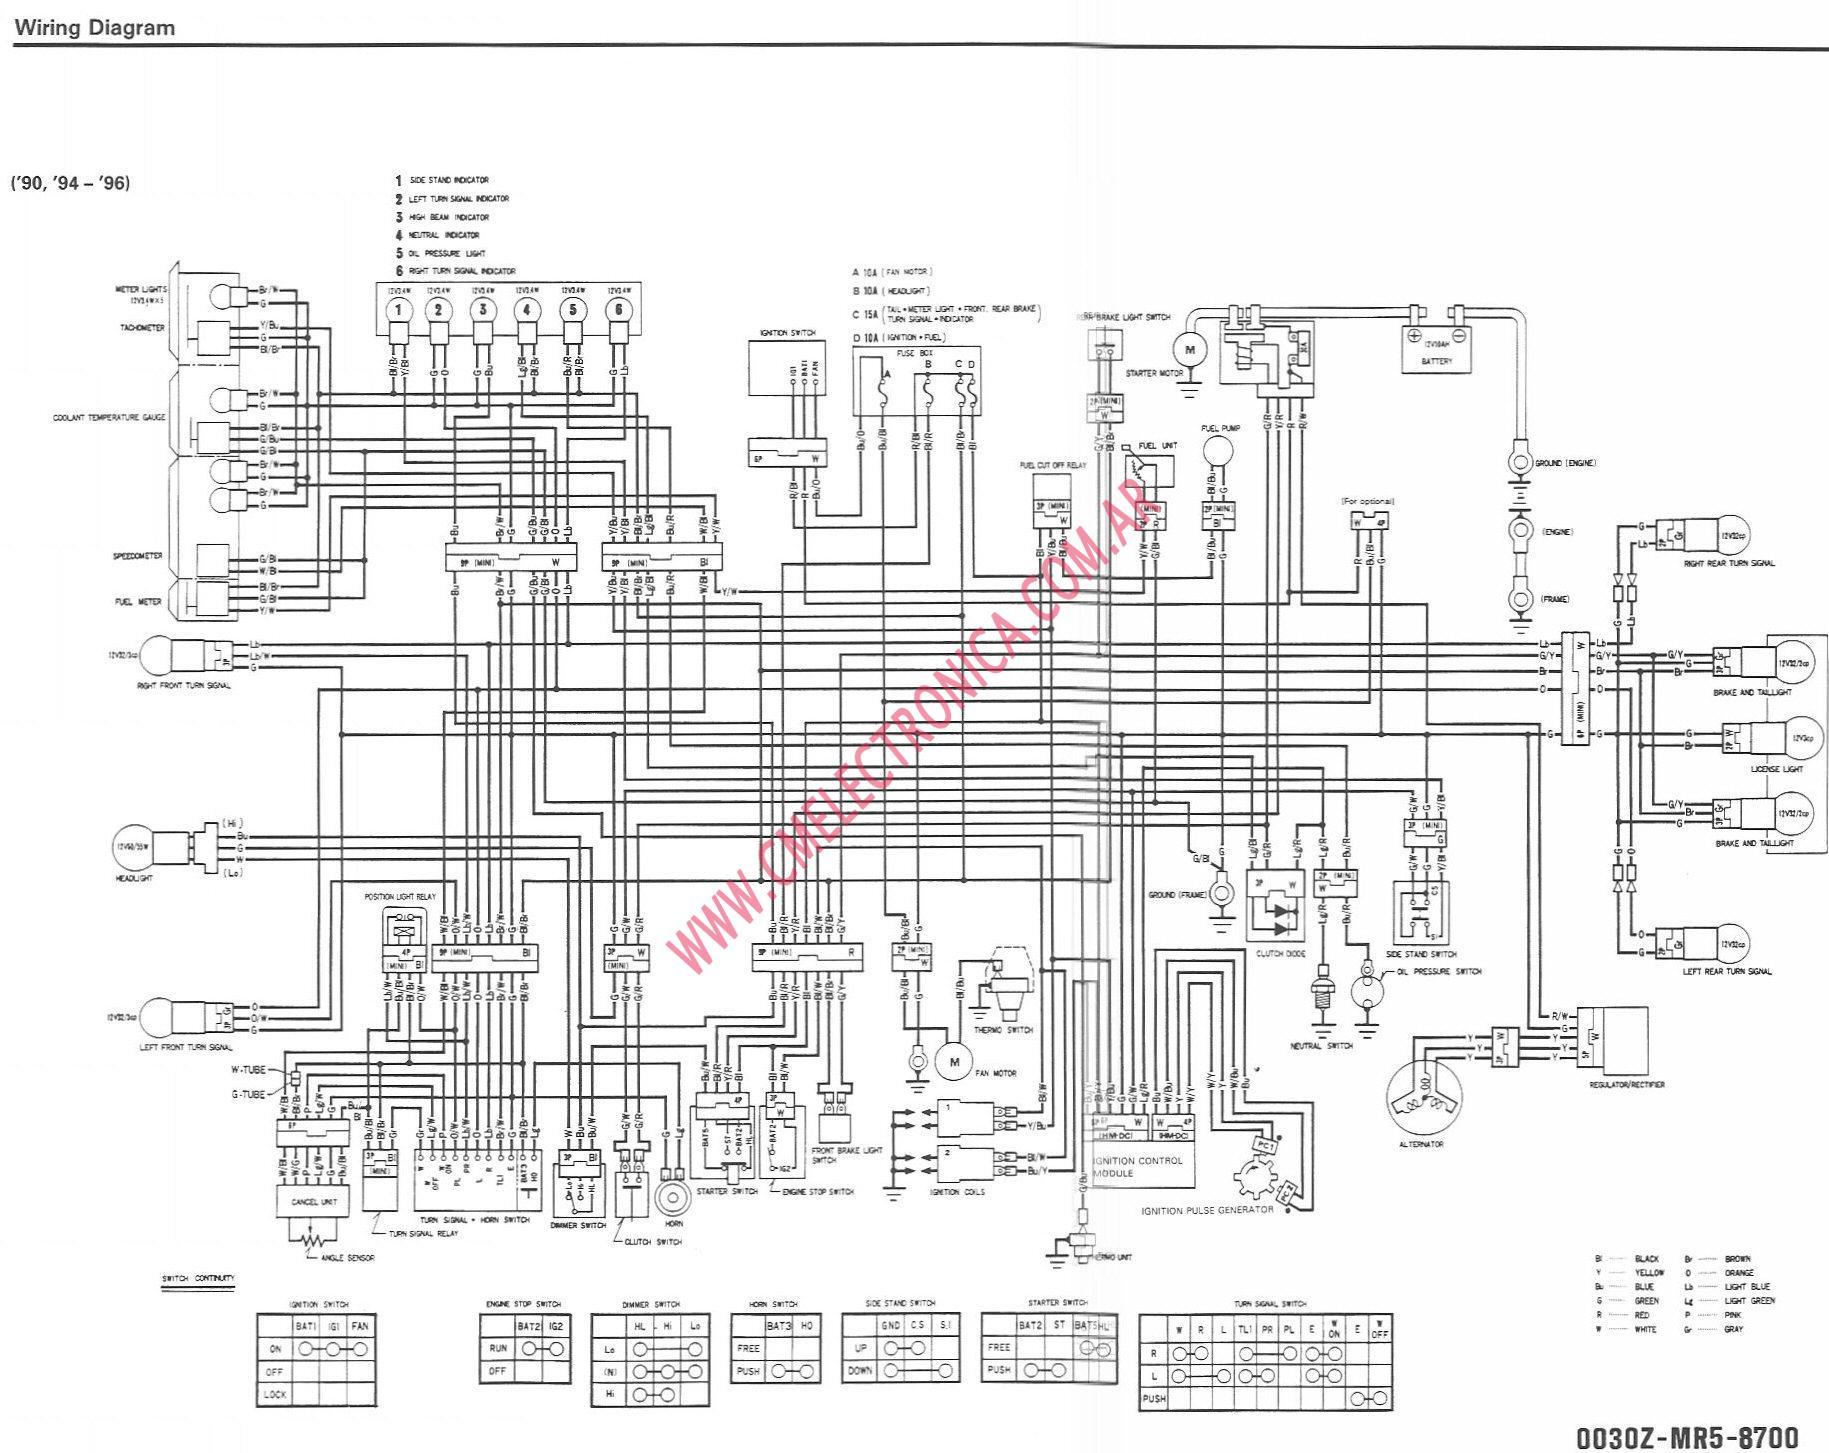 odes 800 utv wiring diagram online schematic diagram u2022 rh holyoak co Trailer Wiring Diagram U61v Wiring Diagrams